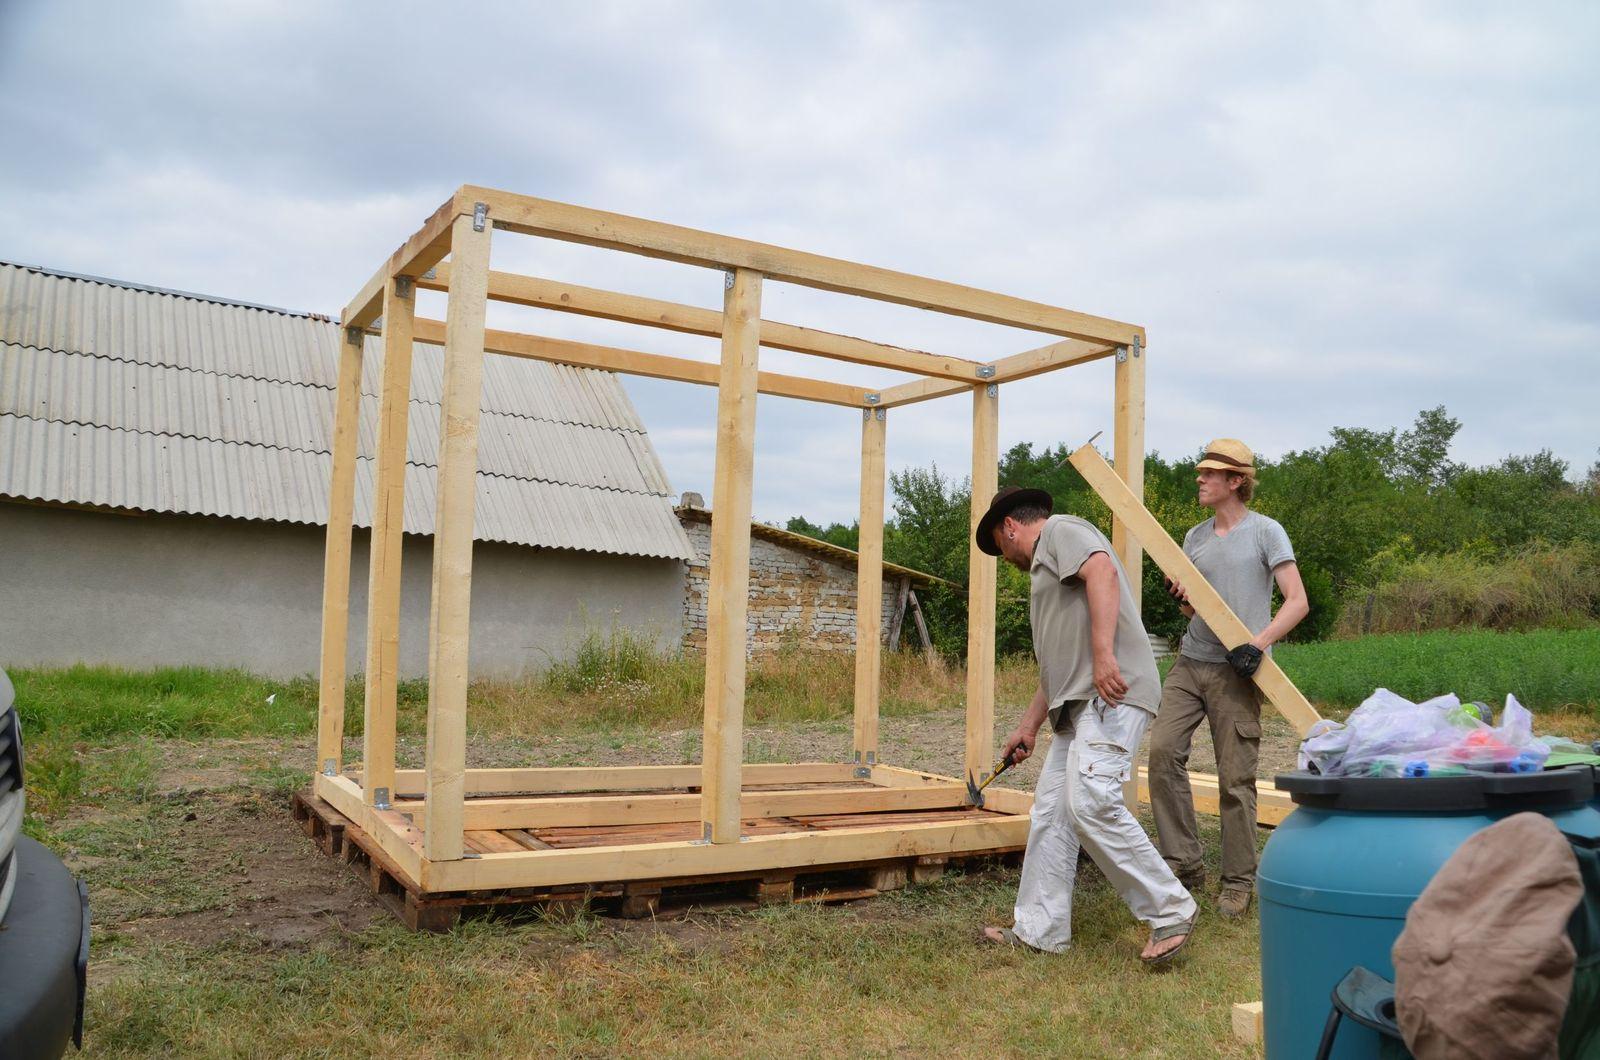 Mitarbeiter des Grabungsteams bauen eine Solardusche. Foto: Bernhard S. Heeb